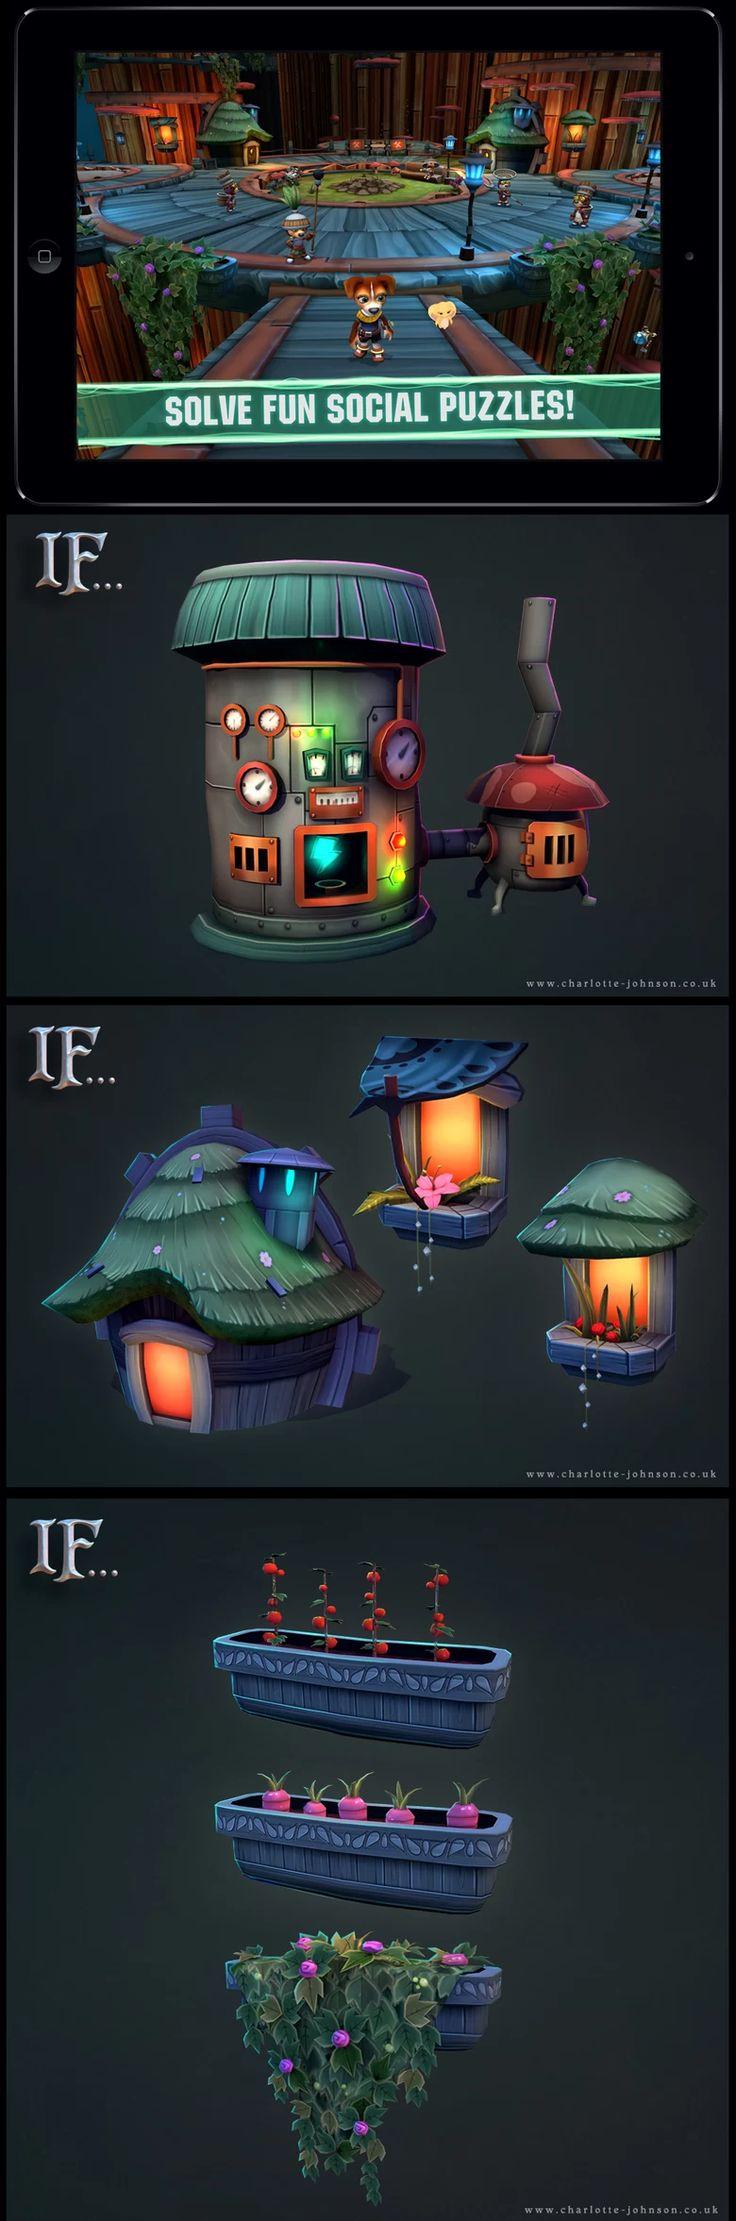 Charlotte Johnson-3D Environment Artist -